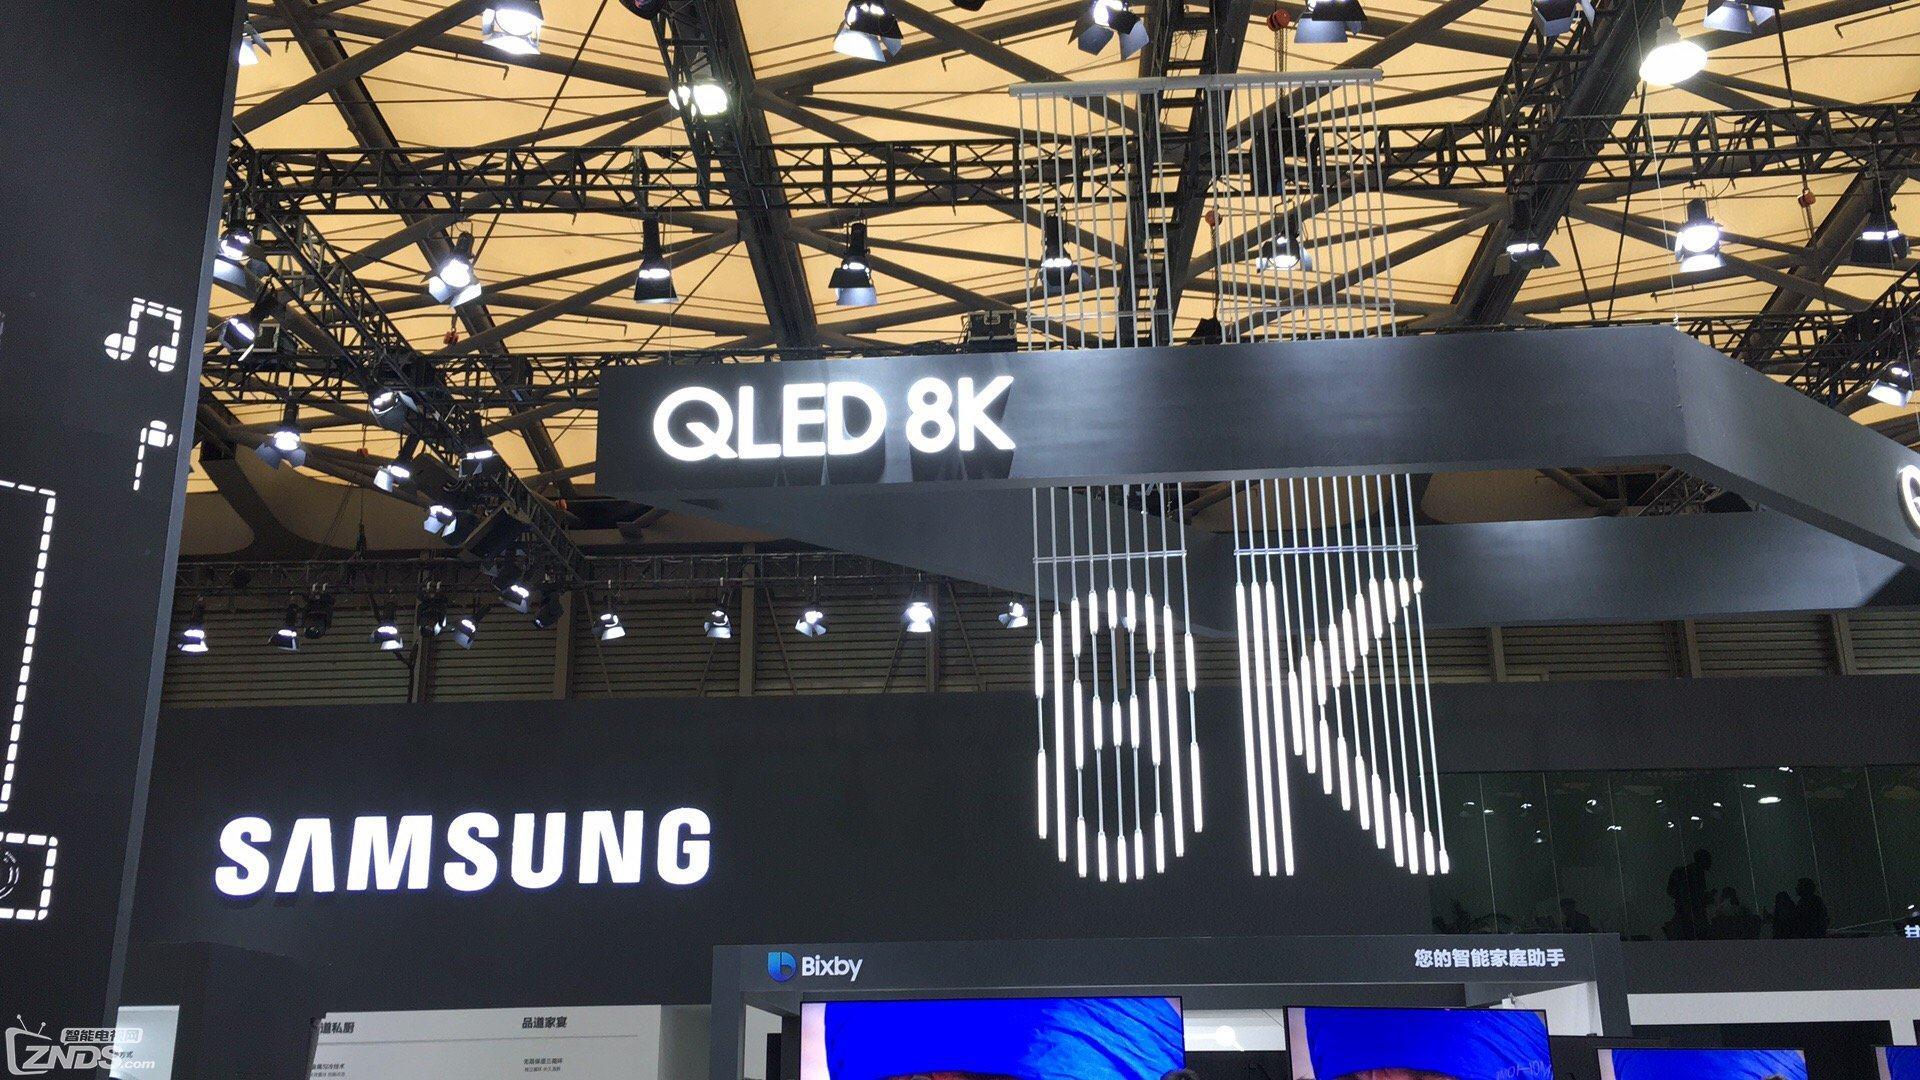 迄今最小的8K电视!三星在IFA上发布55英寸QLED 8K电视_-_热点资讯-苏宁优评网